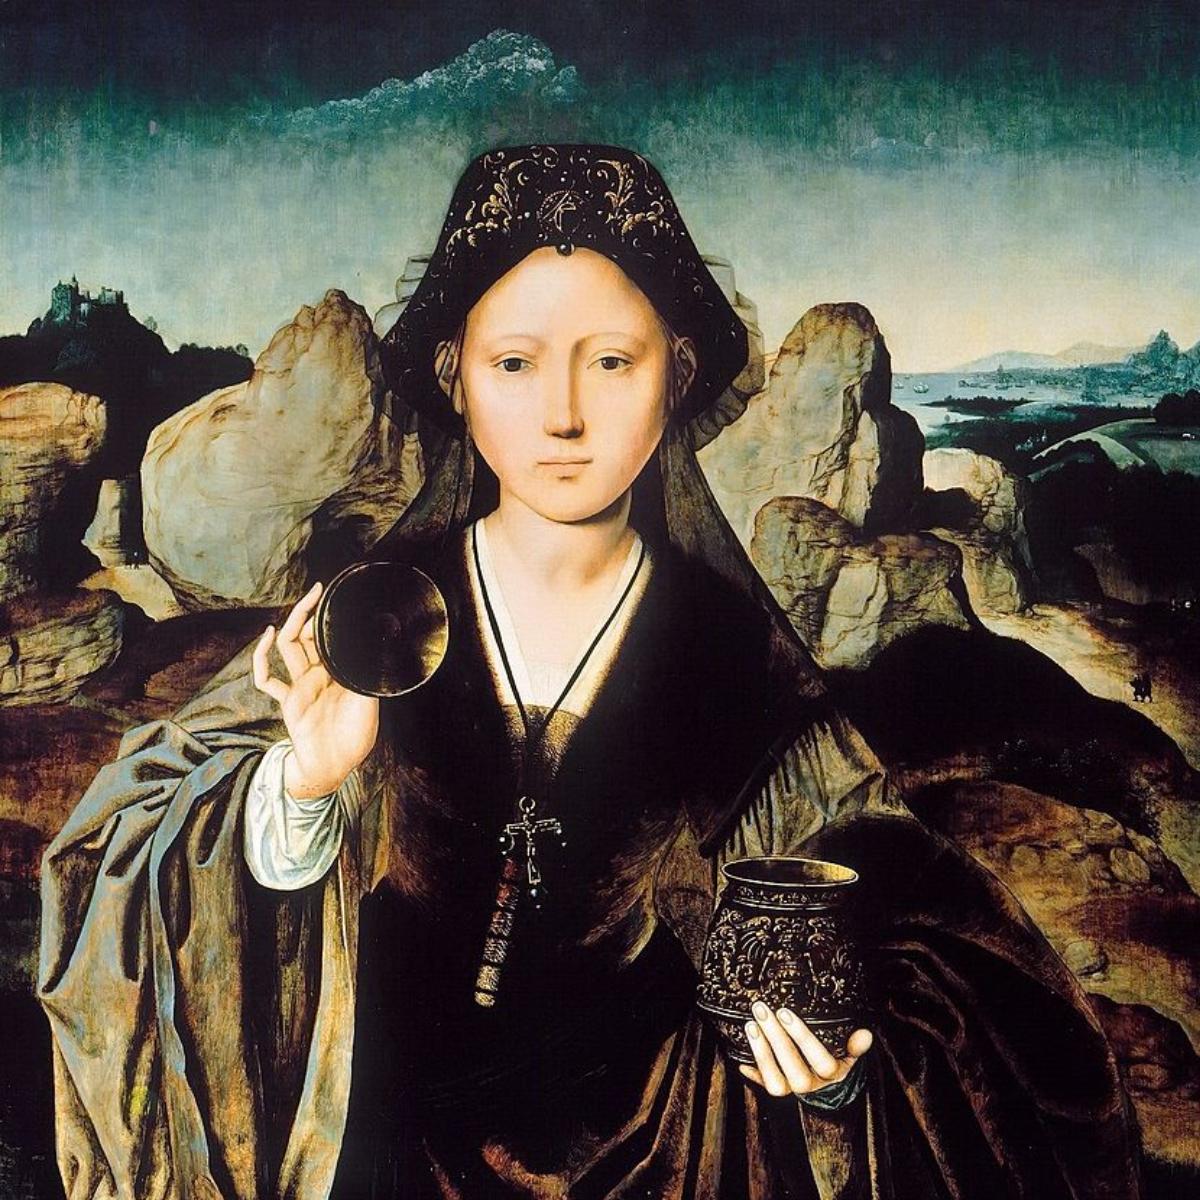 Meister der Mansi - Magdalena - Ste Maria Magdalena - 1525 - XVI th Jahrhundert - flmische Schule – Gemaeldegalerie – Berlin